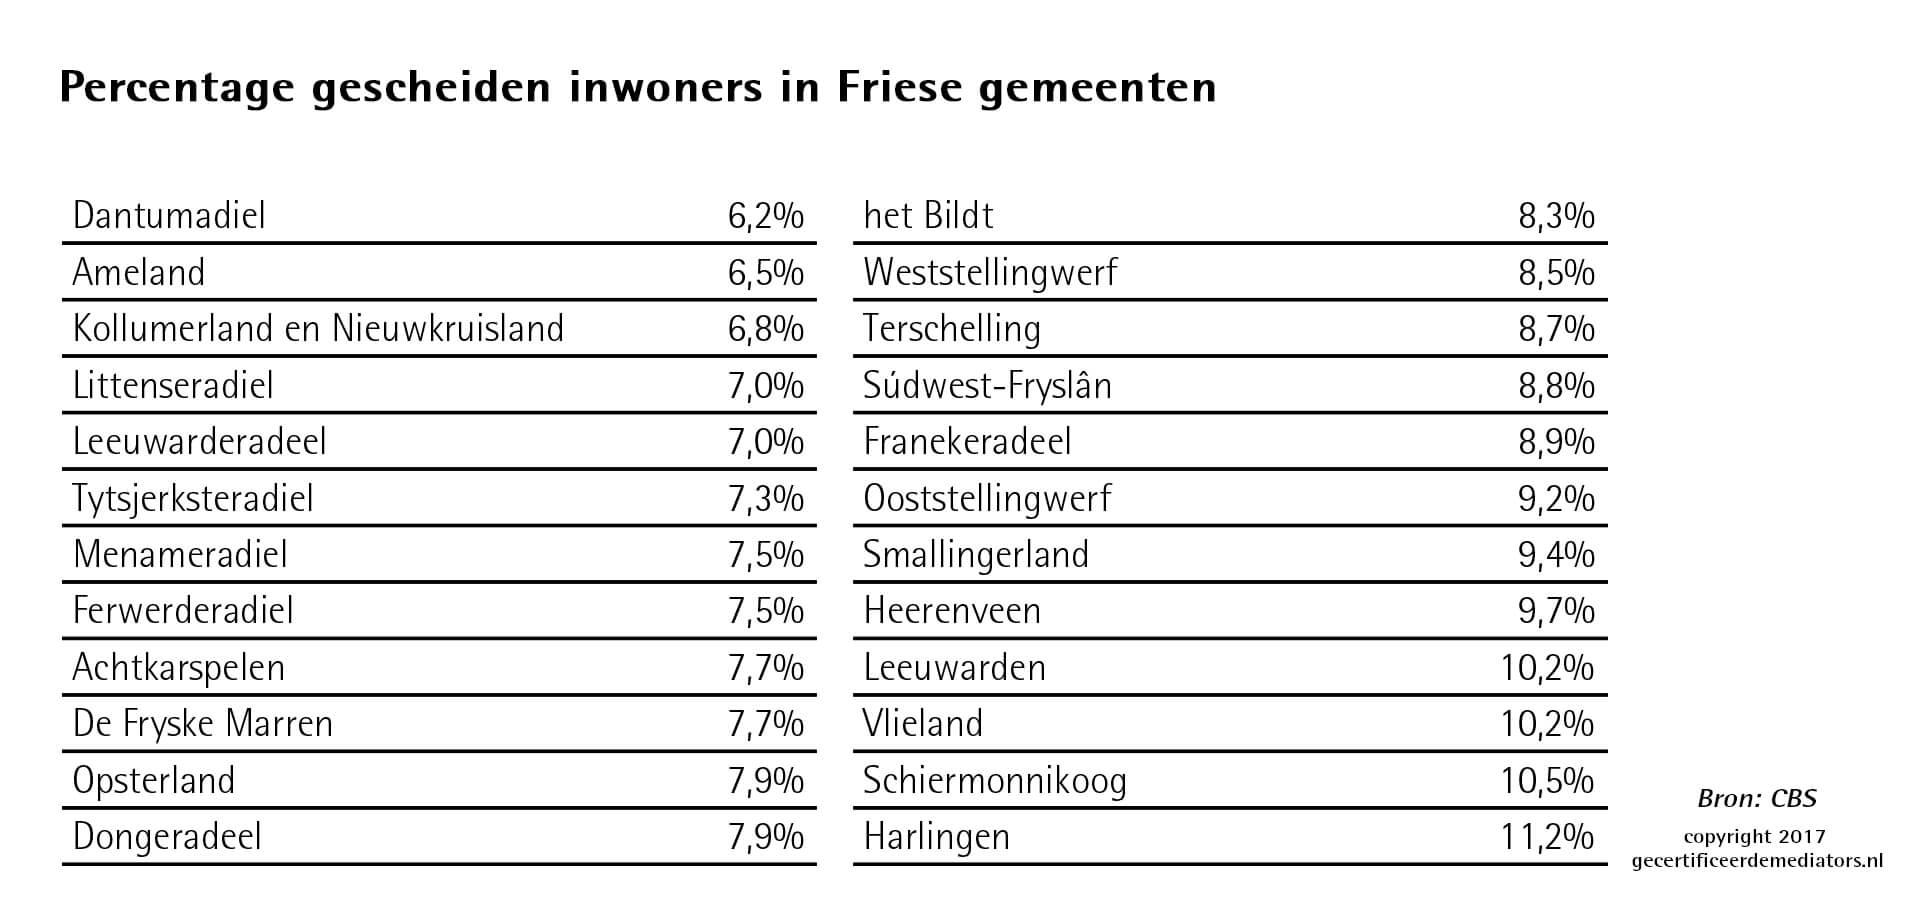 Percentage gescheiden inwoners friese gemeenten